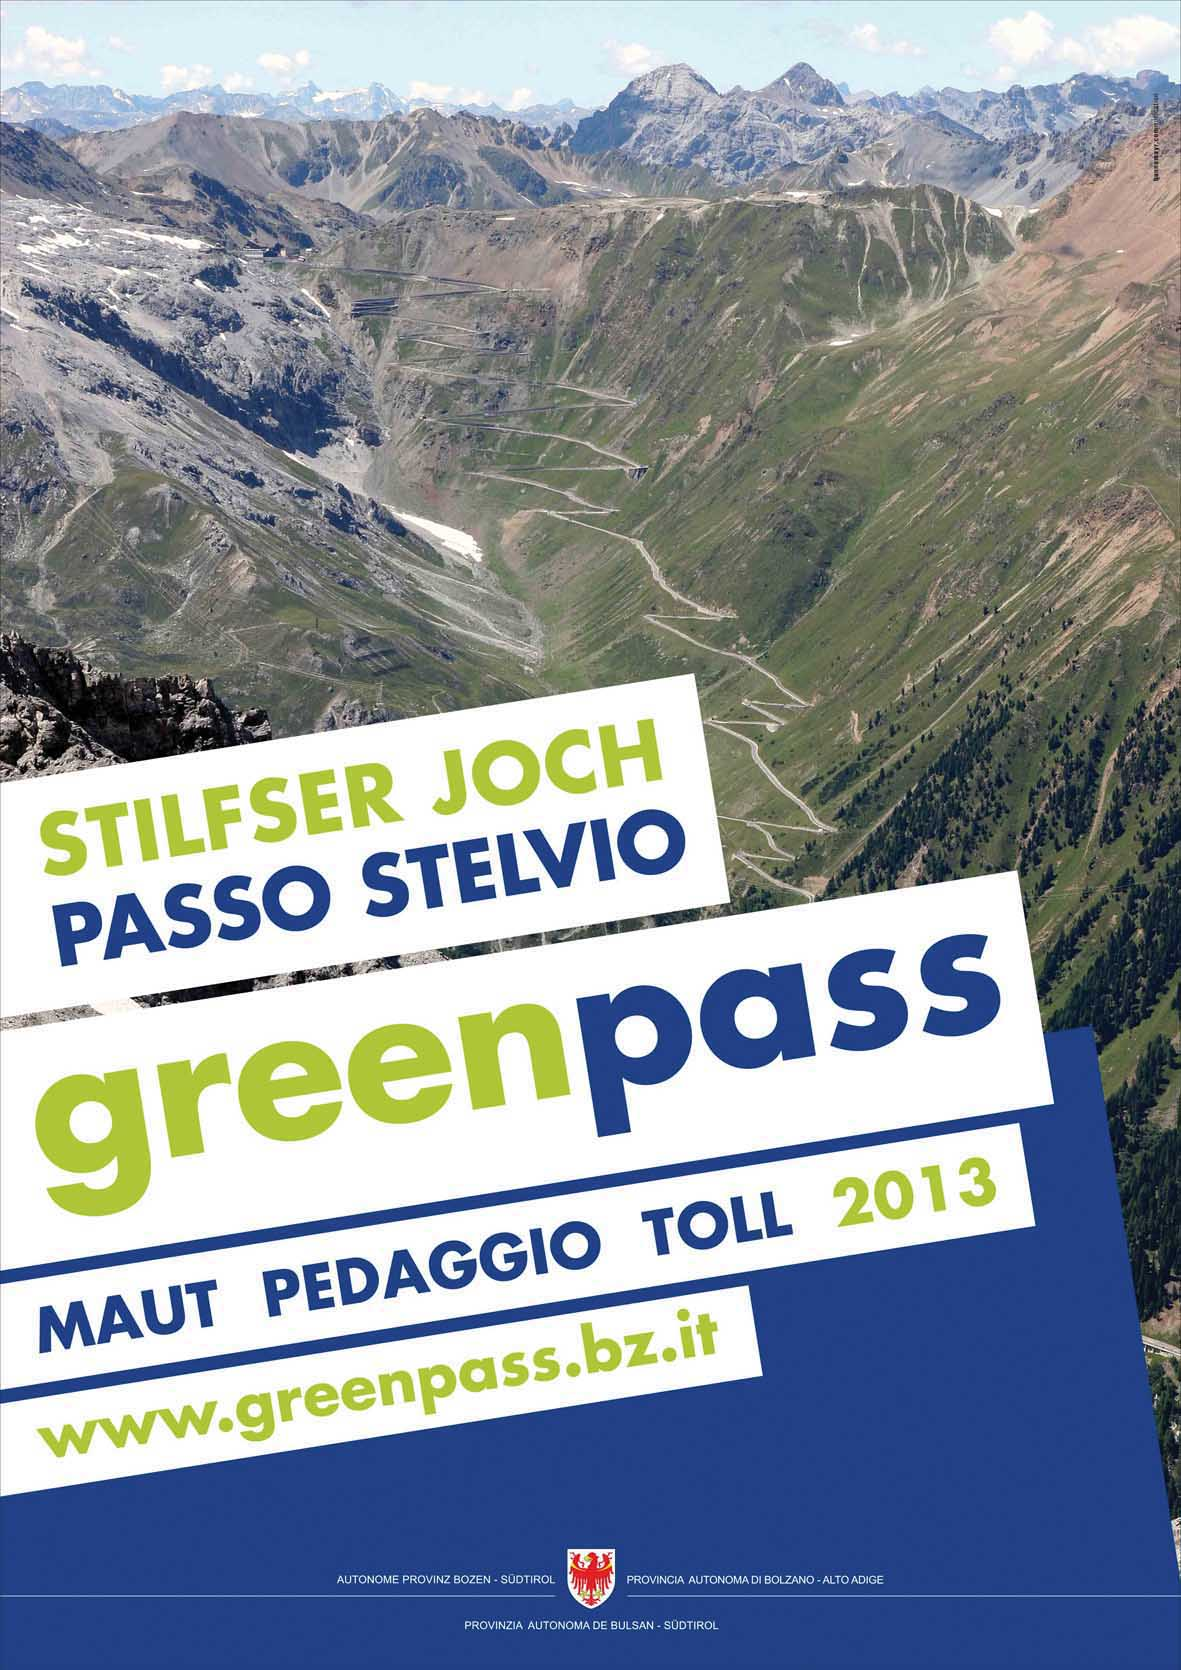 stelvio greenpass pedaggio 1